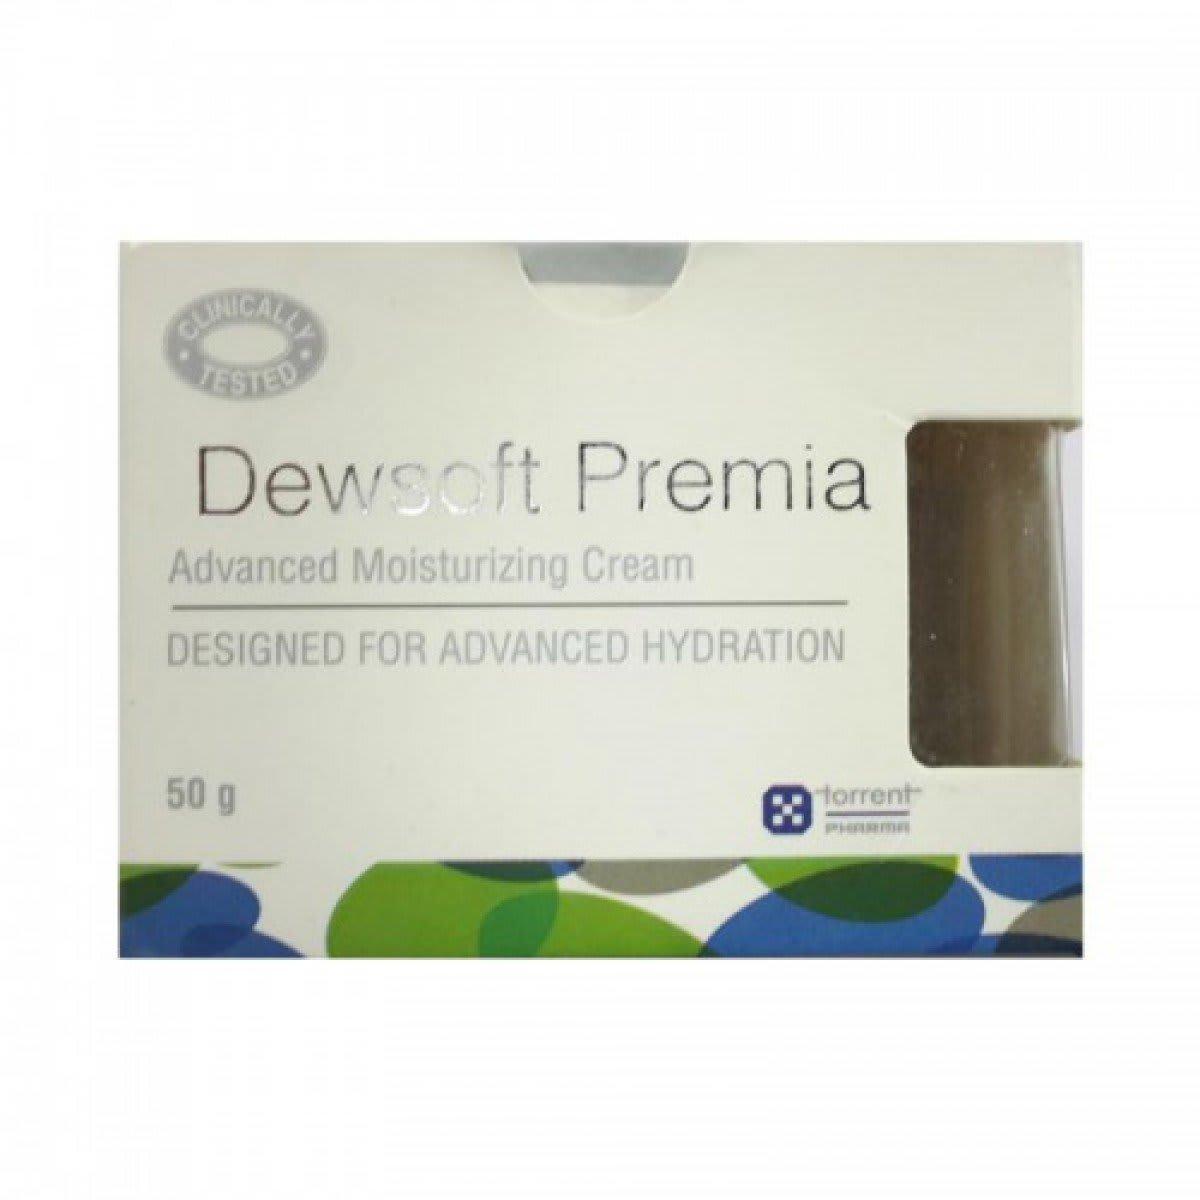 Dewsoft Premia Cream